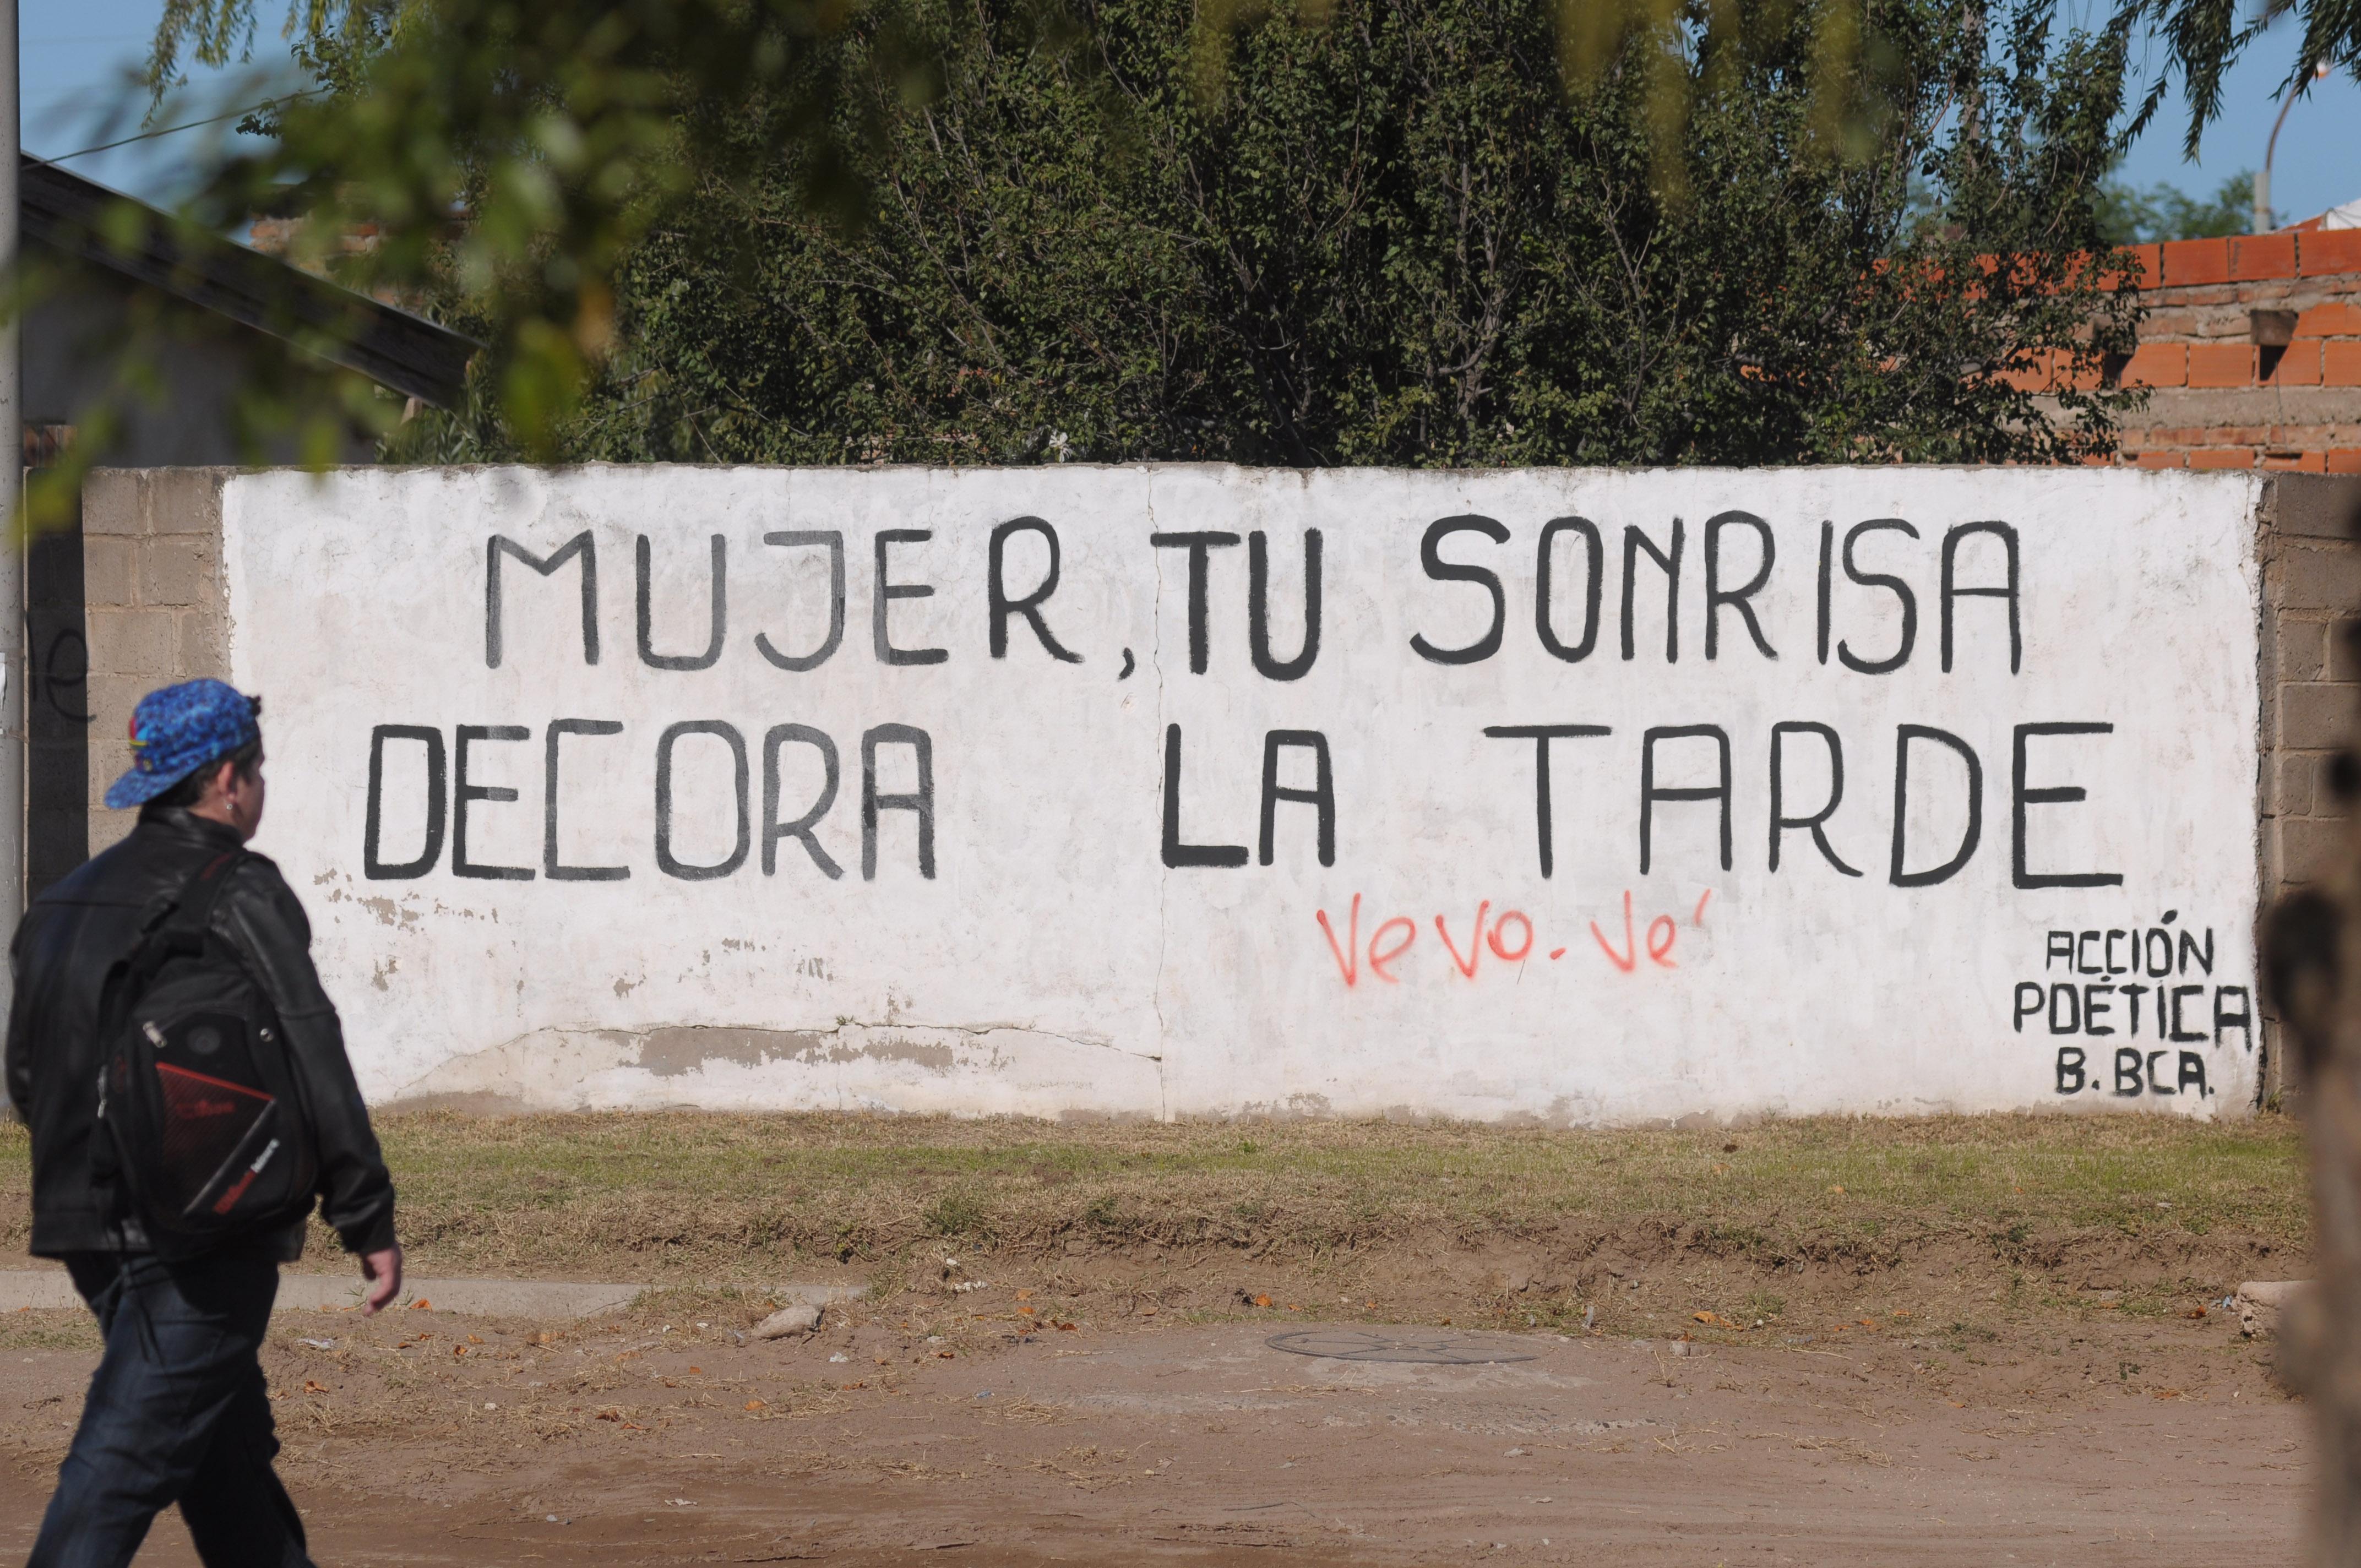 15 Murales Que Les Ponen Acción Poética A Las Calles De Bahía